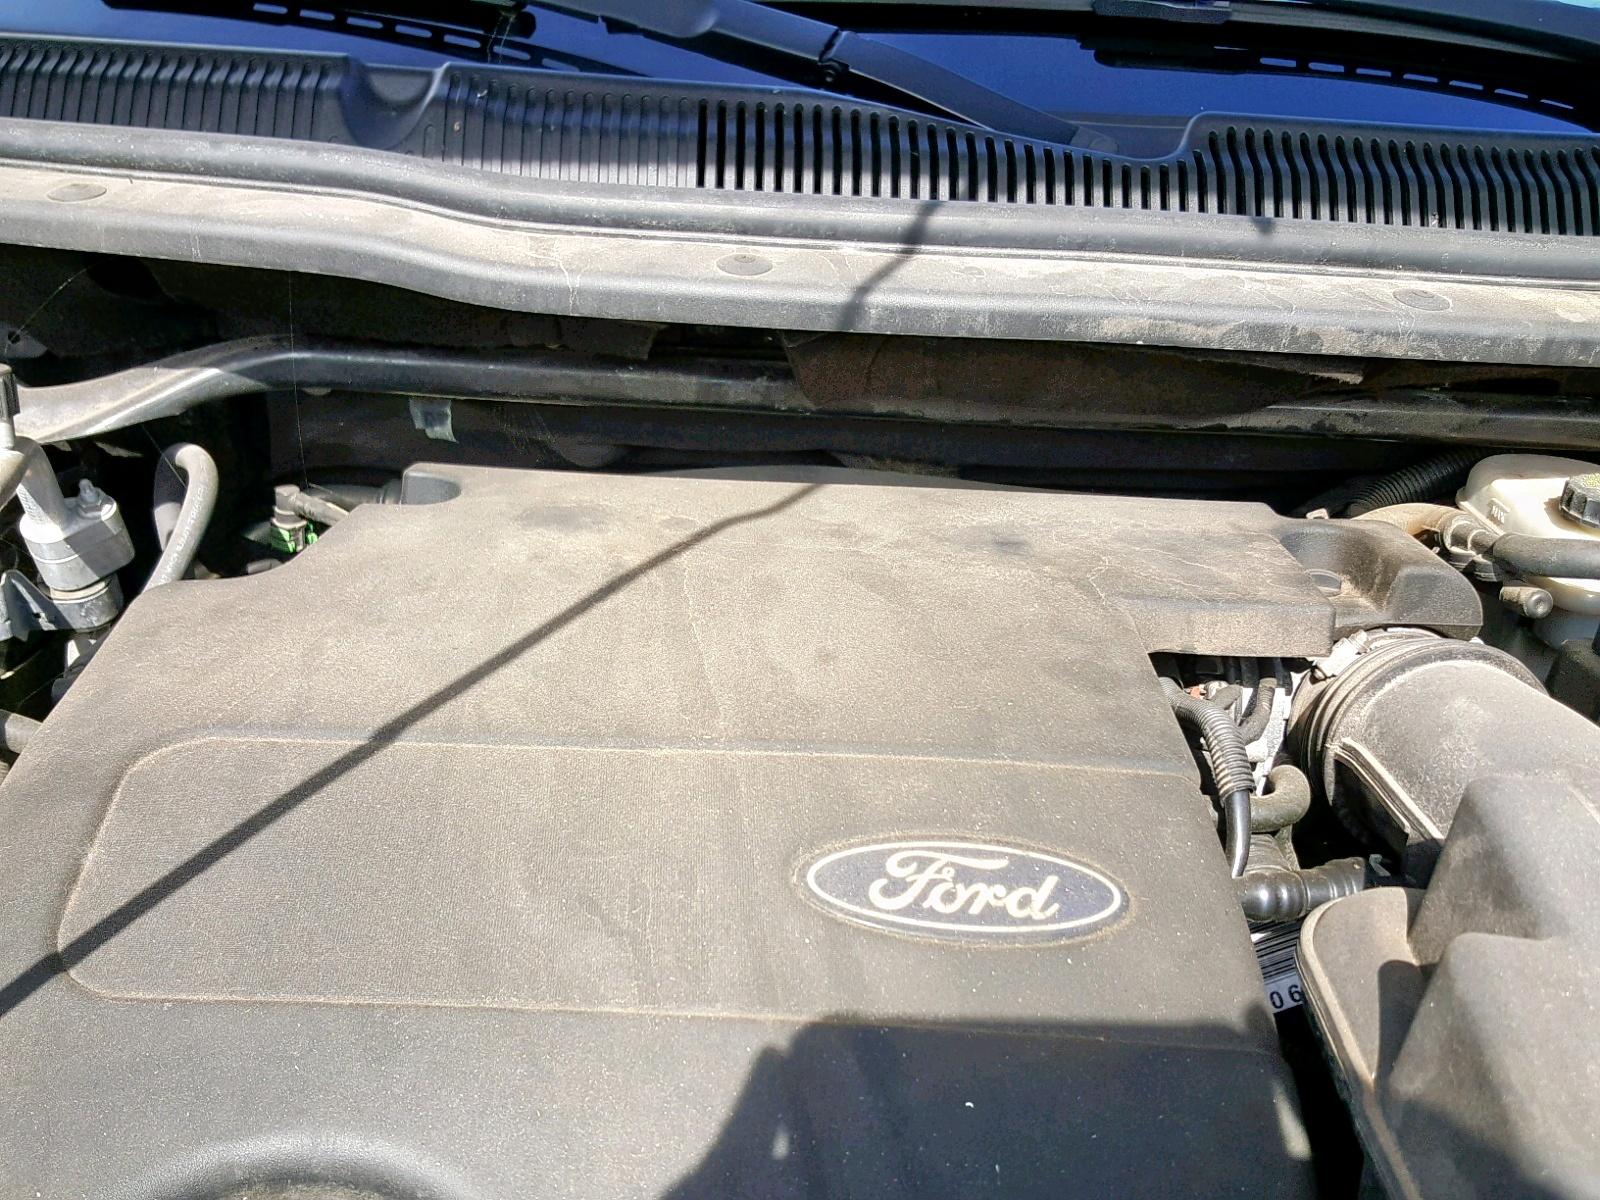 1FMHK7D85CGA54259 - 2012 Ford Explorer X 3.5L inside view